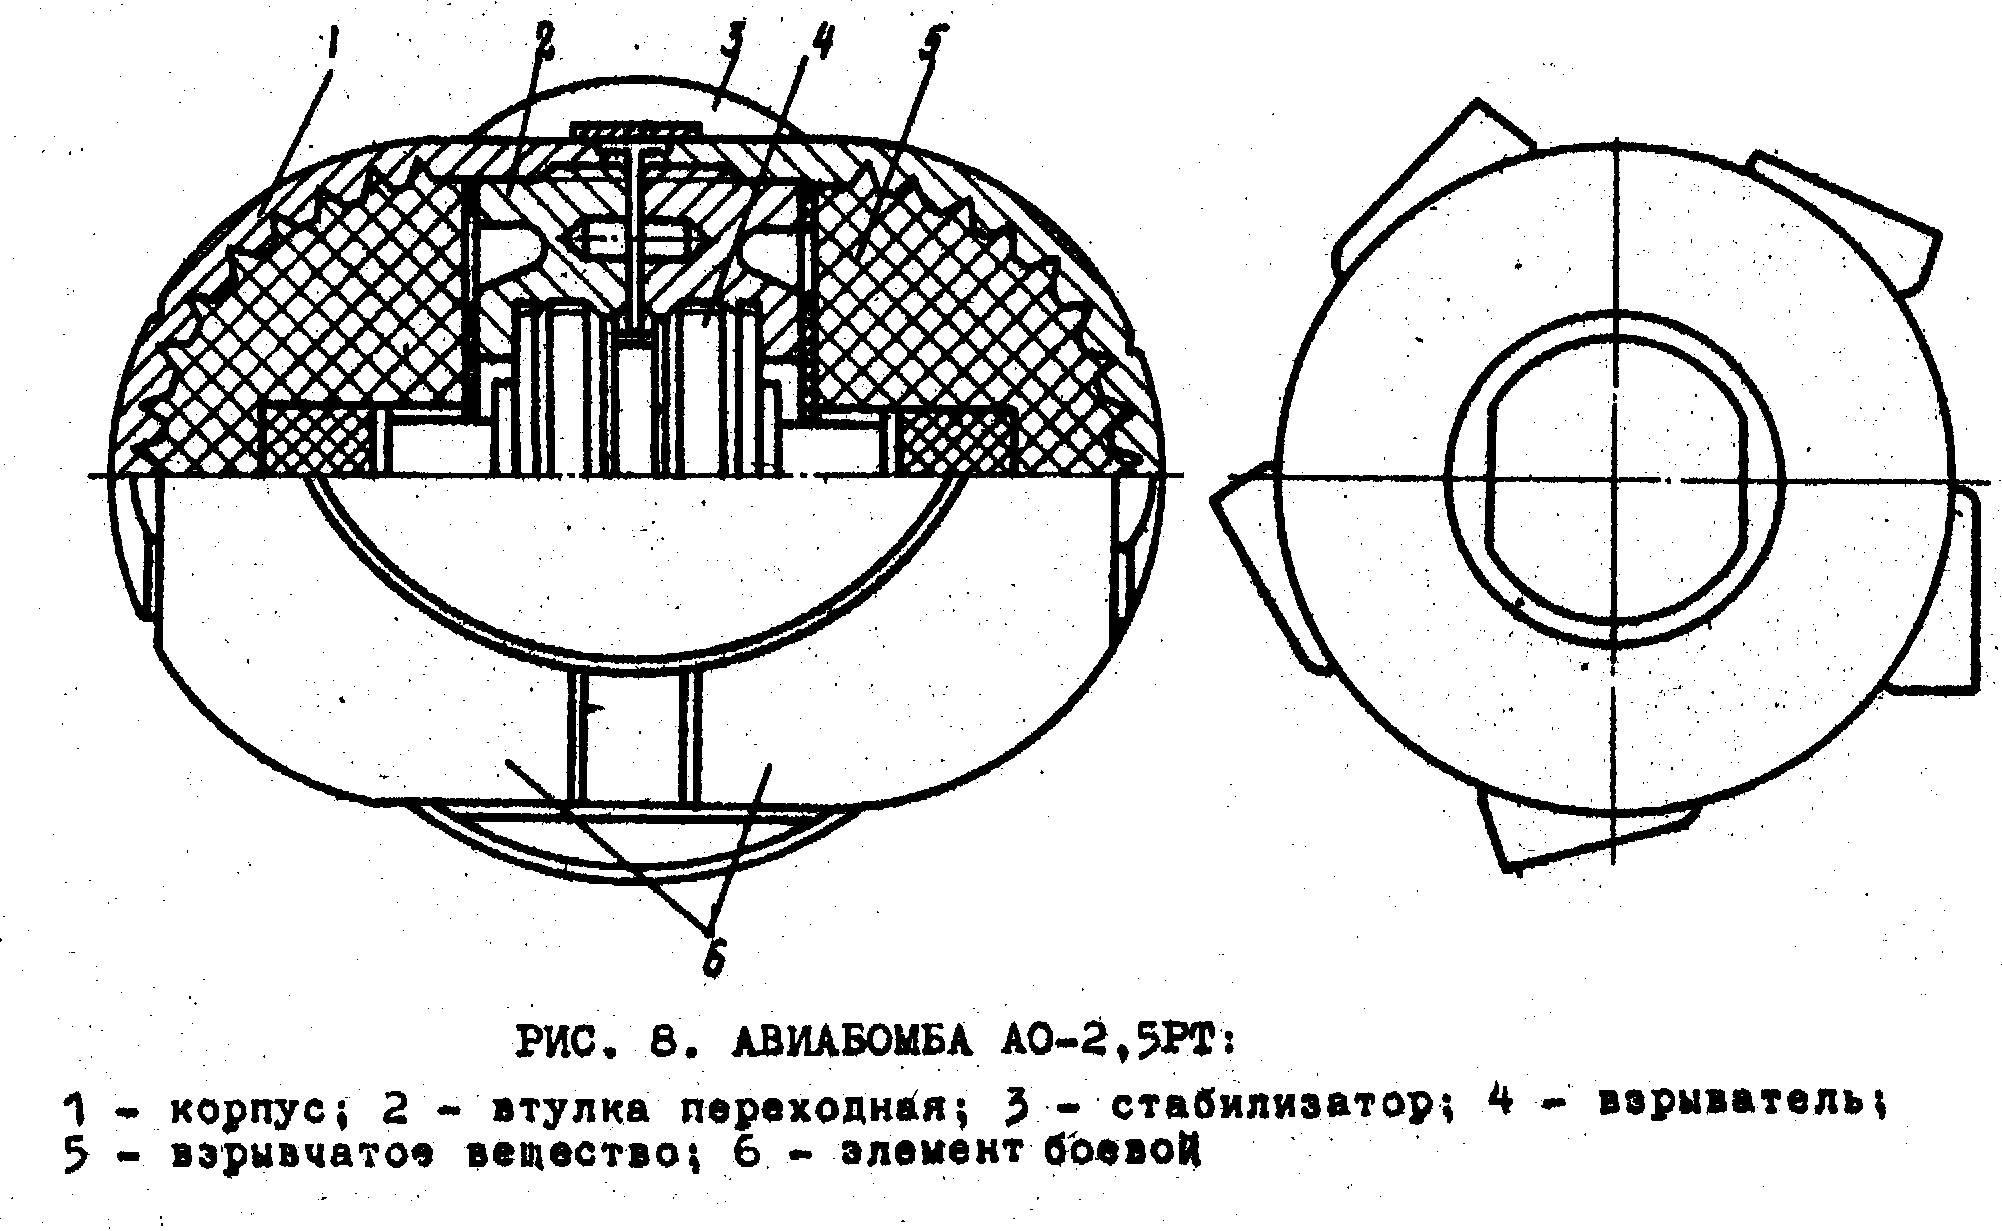 АО-2,5РТ